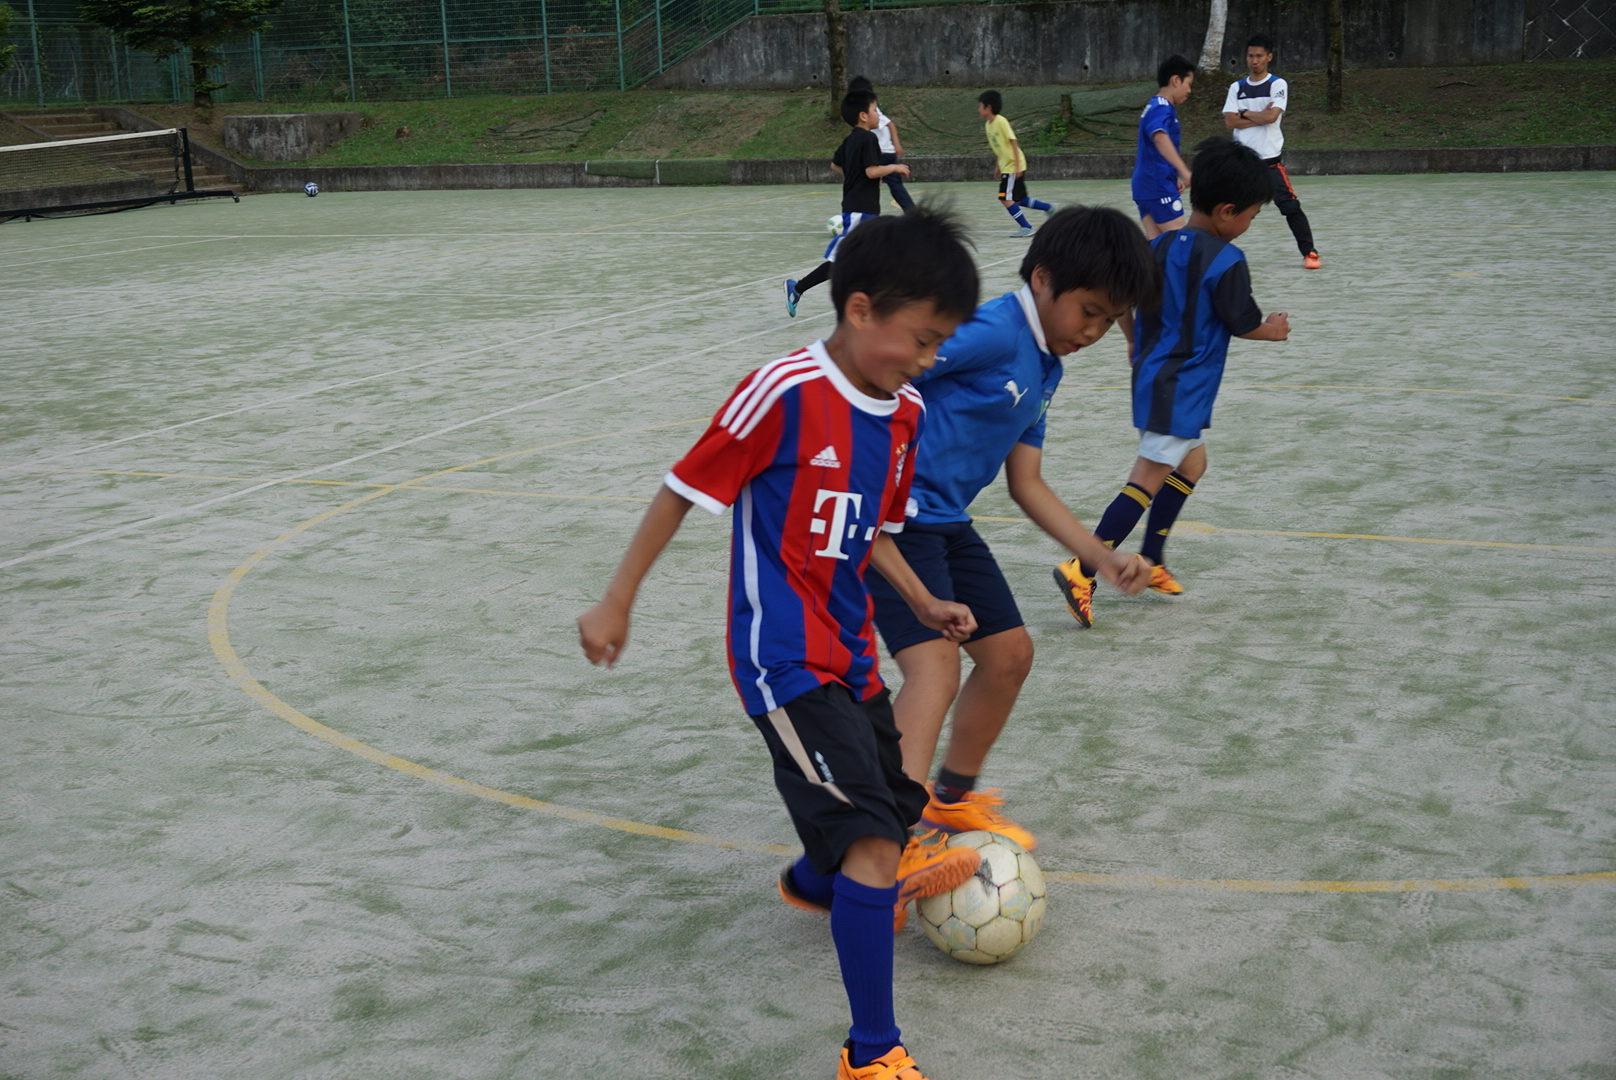 advance(サッカースクール)について